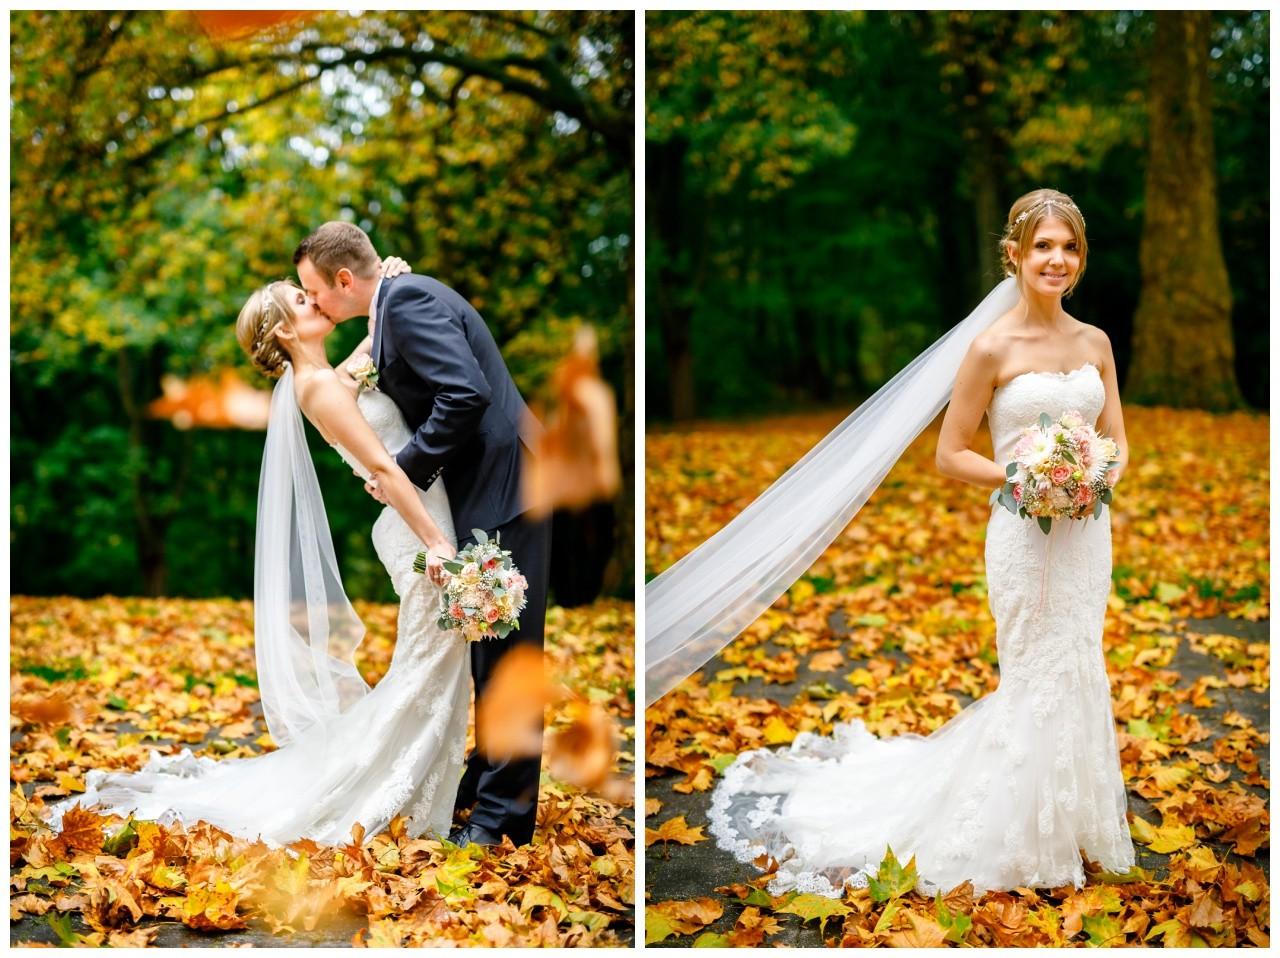 Hochzeitsfotos in Recklinghausen im Herbst